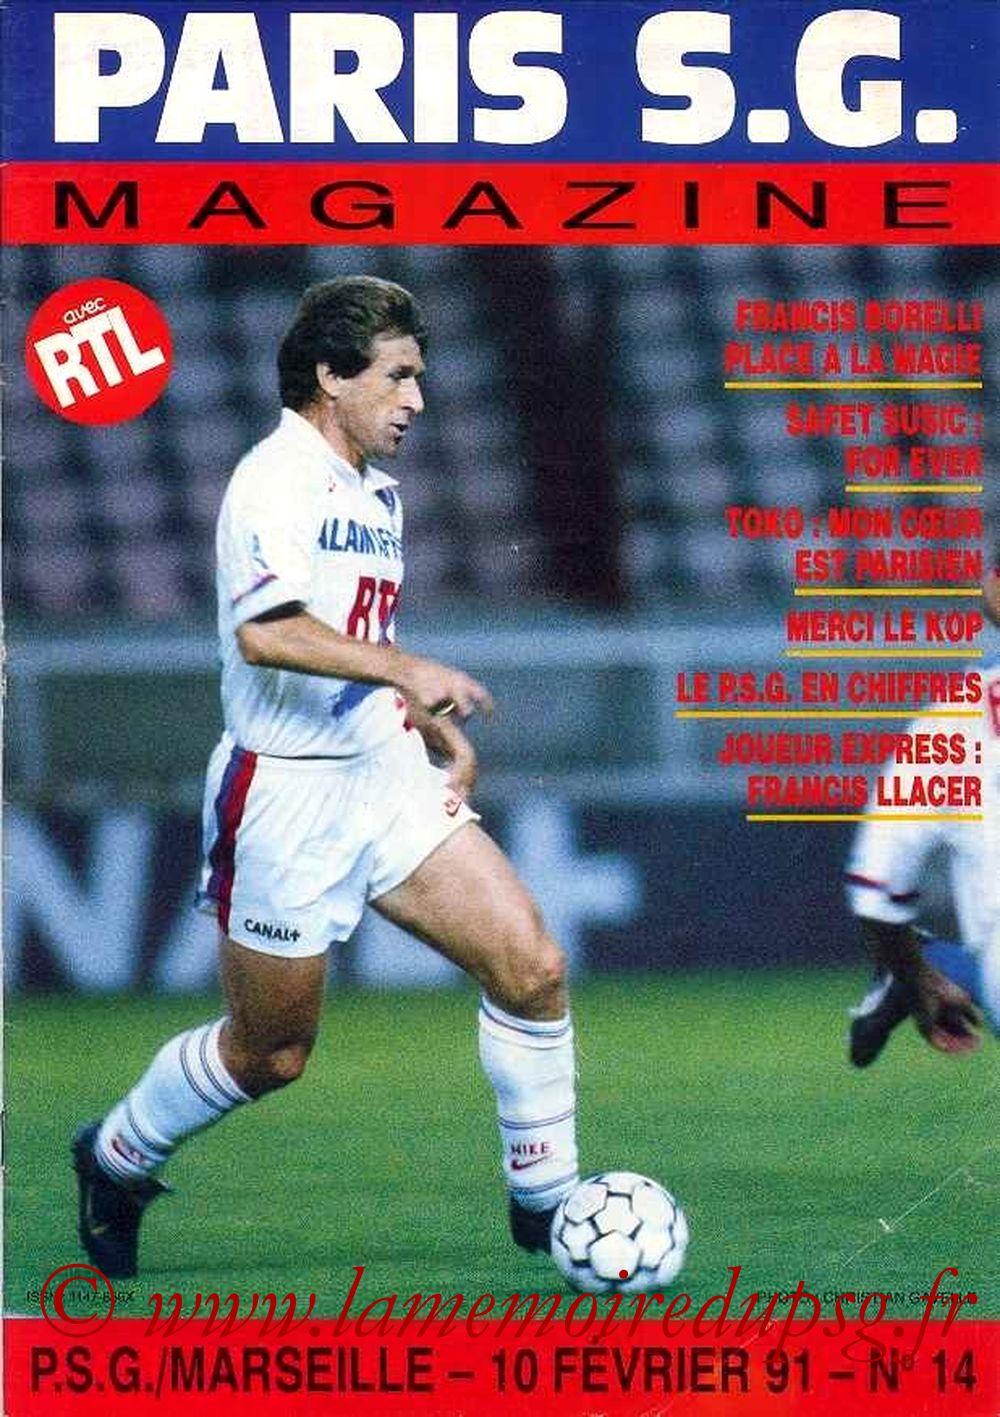 1991-02-10  PSG-Marseille (26ème D1, Paris SG Magazine N°14)